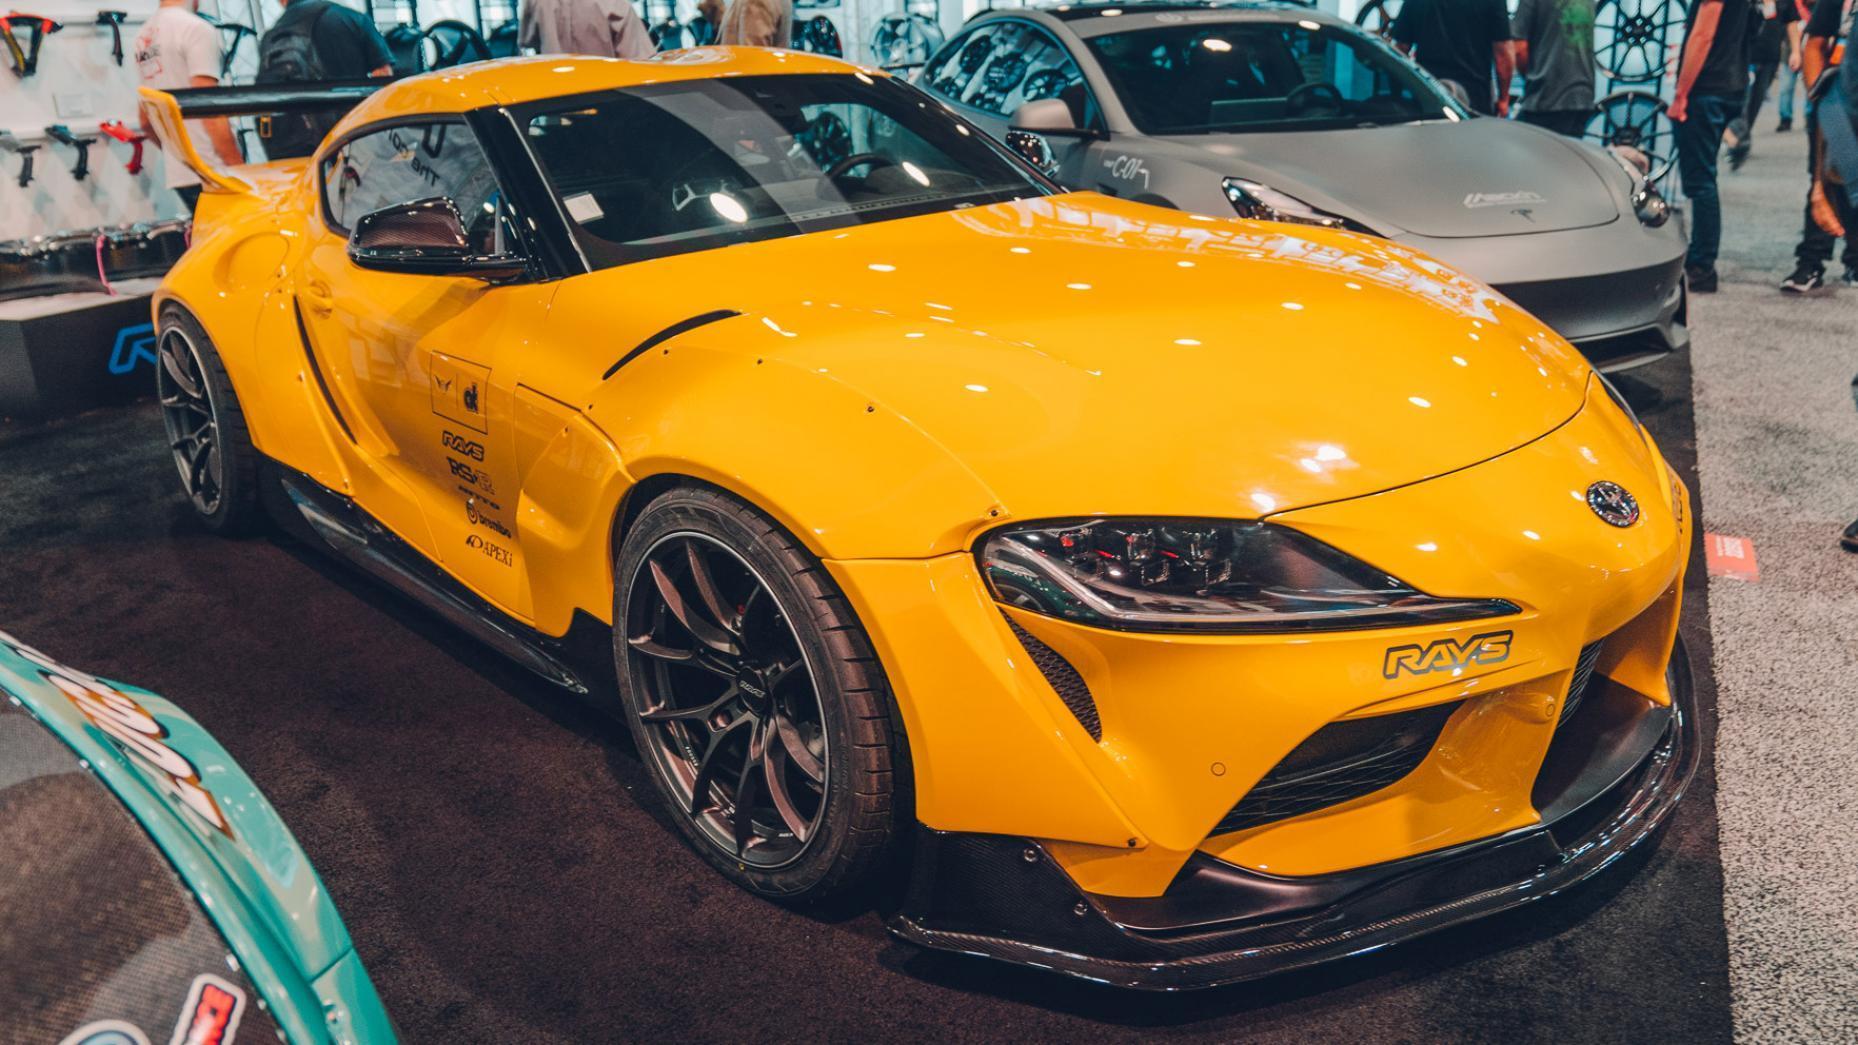 Toyota A90 Supra SEMA 2019 geel drie kwart voor dichtbij